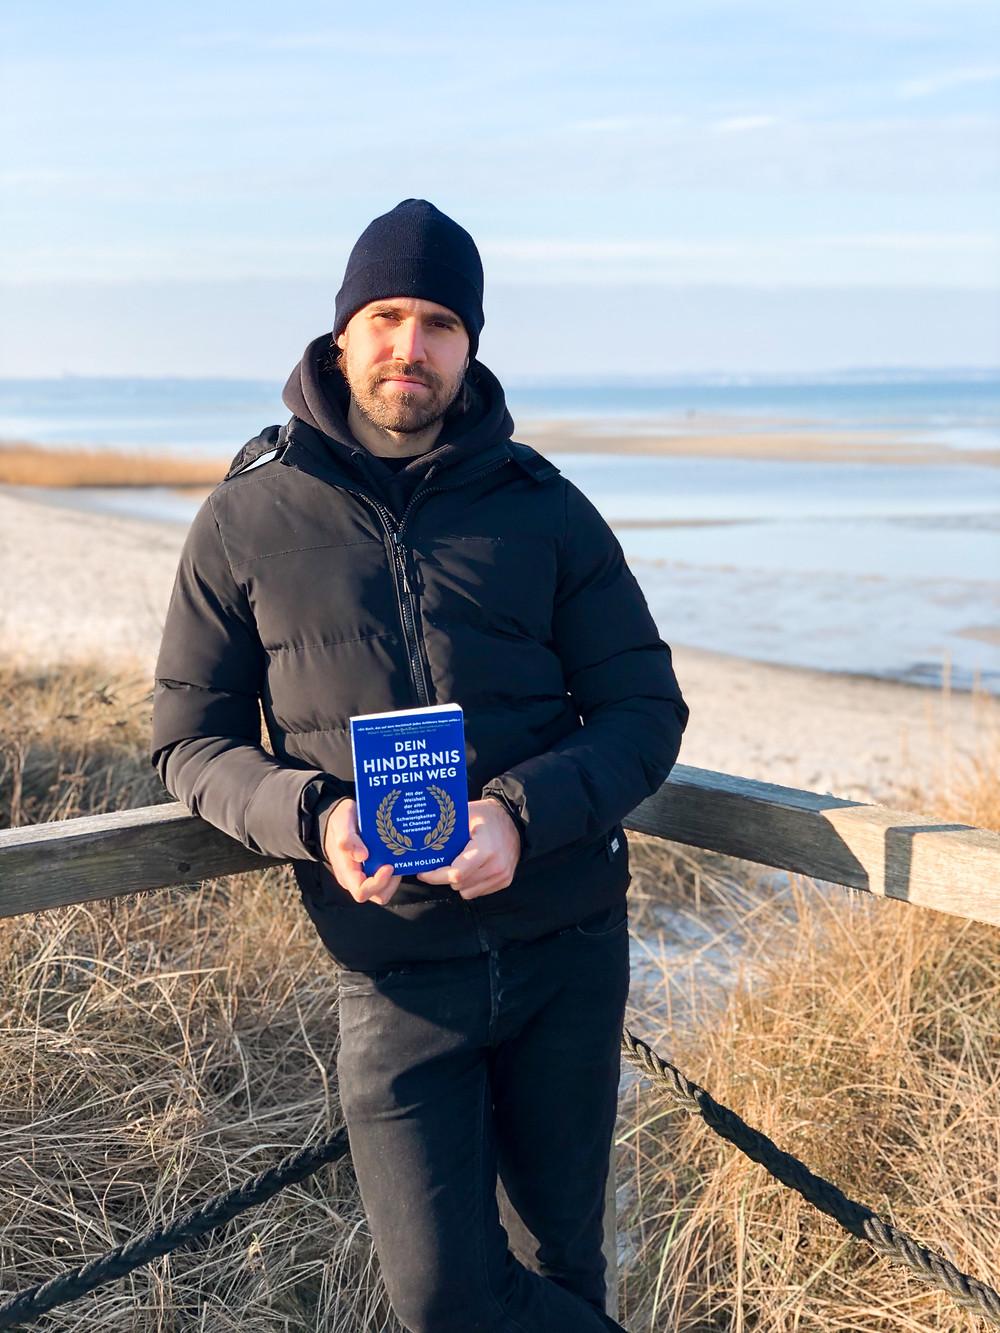 In Dein Hindernis ist dein Weg zeigt Bestseller-Autor Ryan Holiday wie man anhand historischer Beispiele mehr Selbstvertrauen, Gelassenheit und Erfolg bekommen kann.